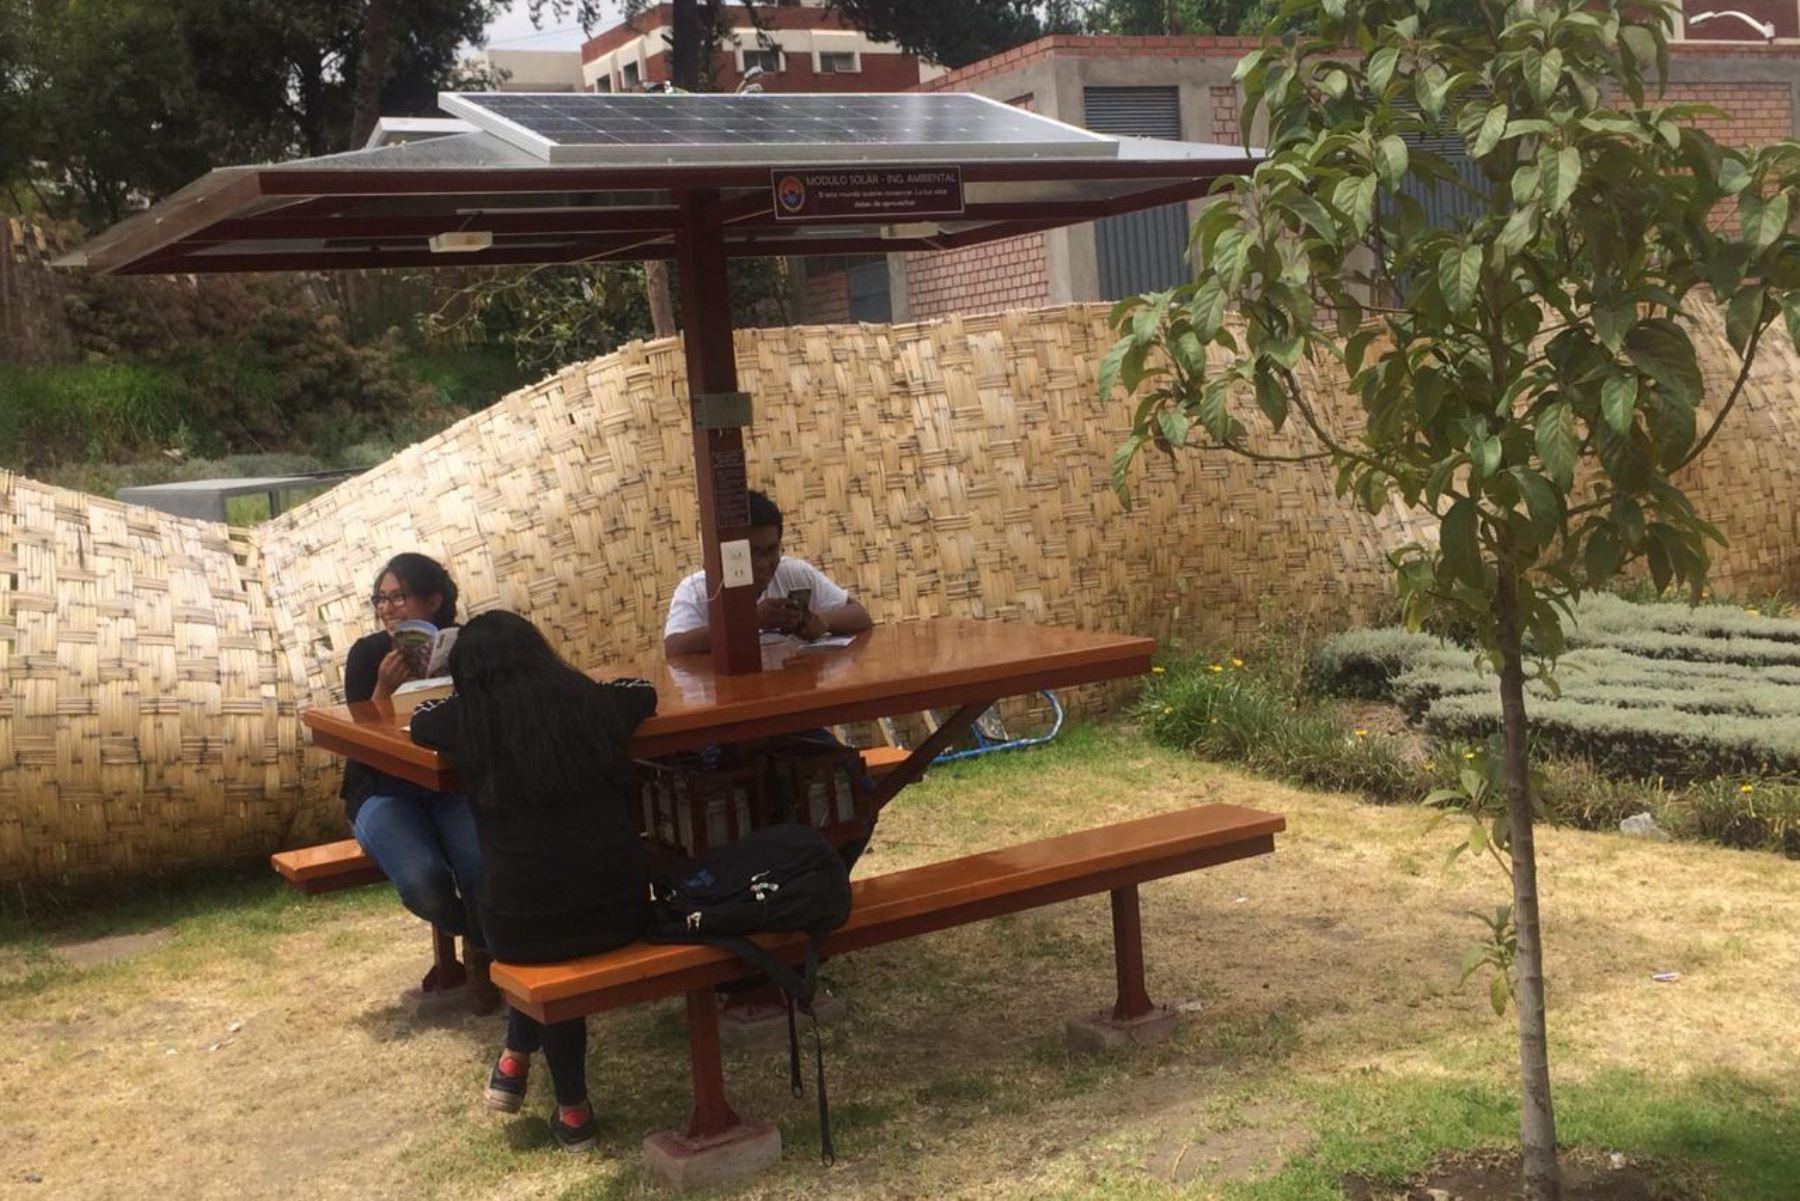 Universidad De Arequipa Apuesta Por La Energía Limpia E